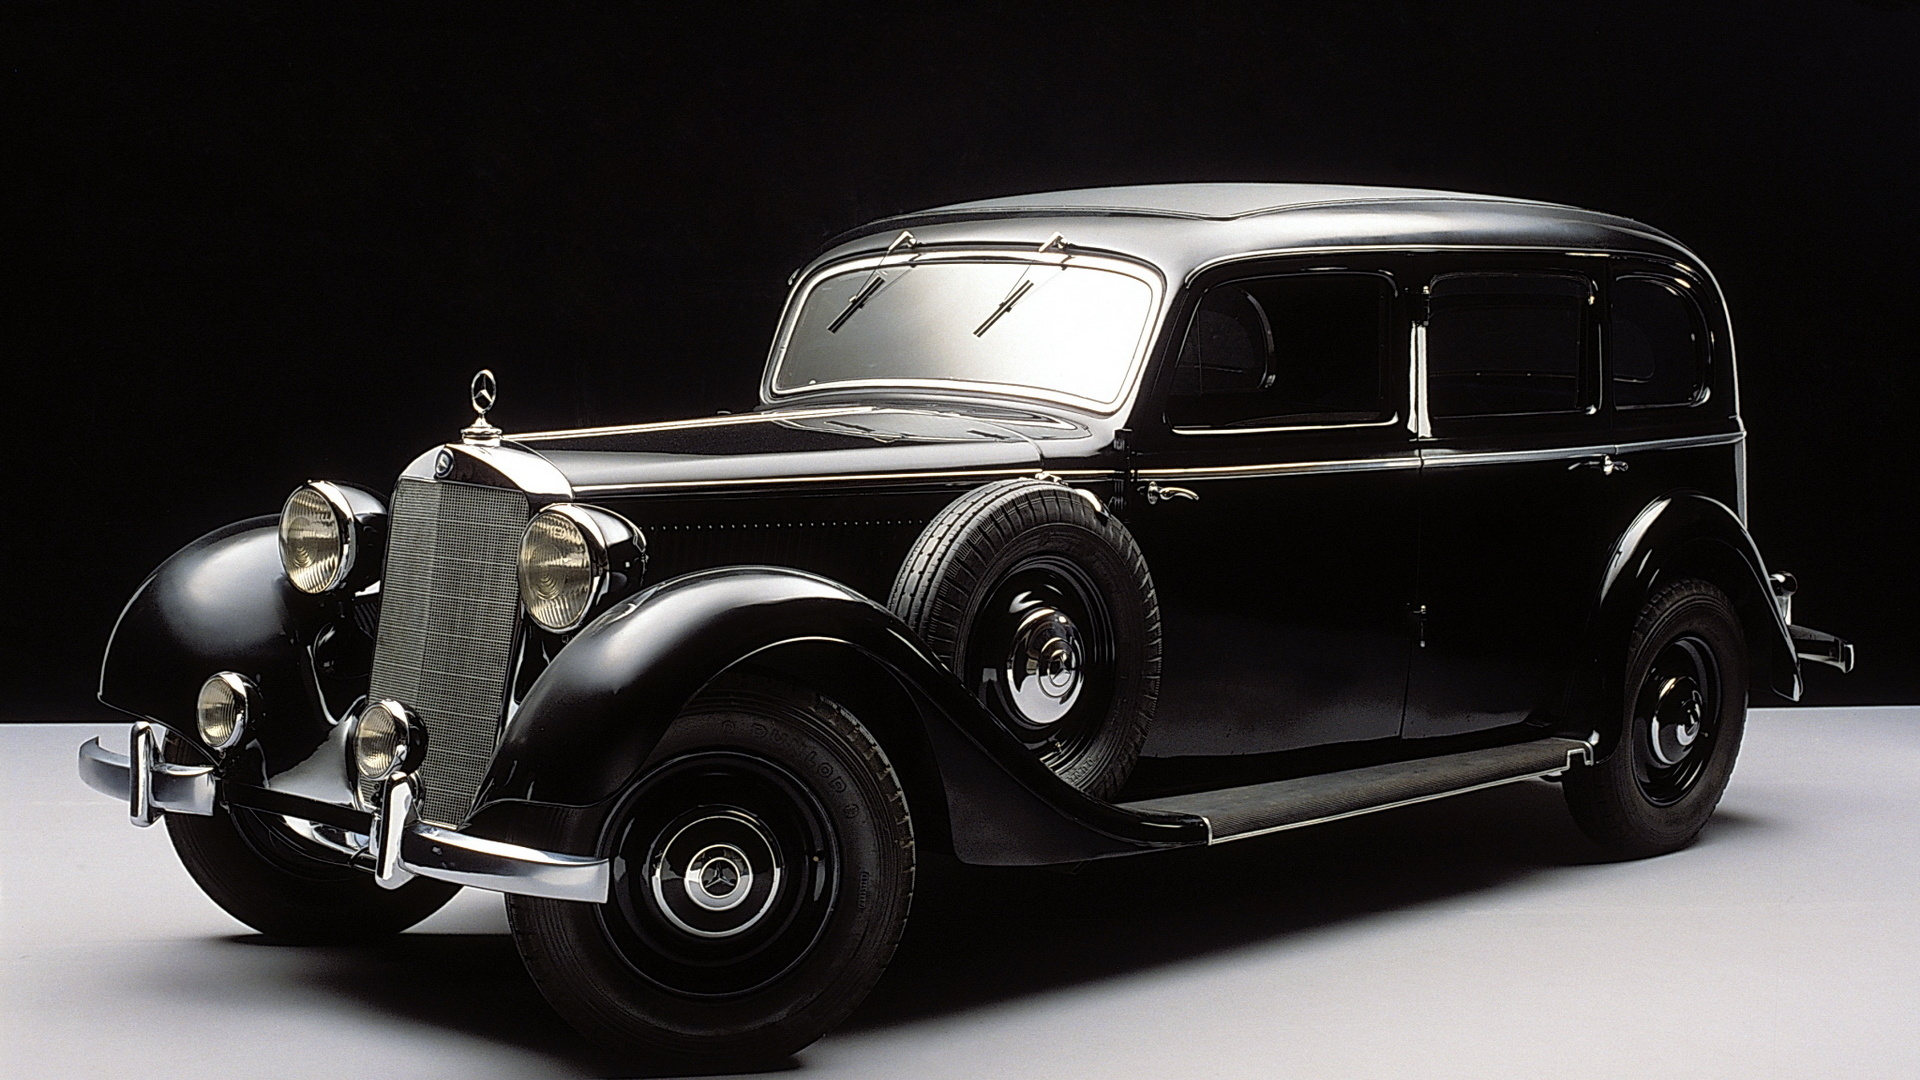 мерседес, чёрный, ретро, 1936